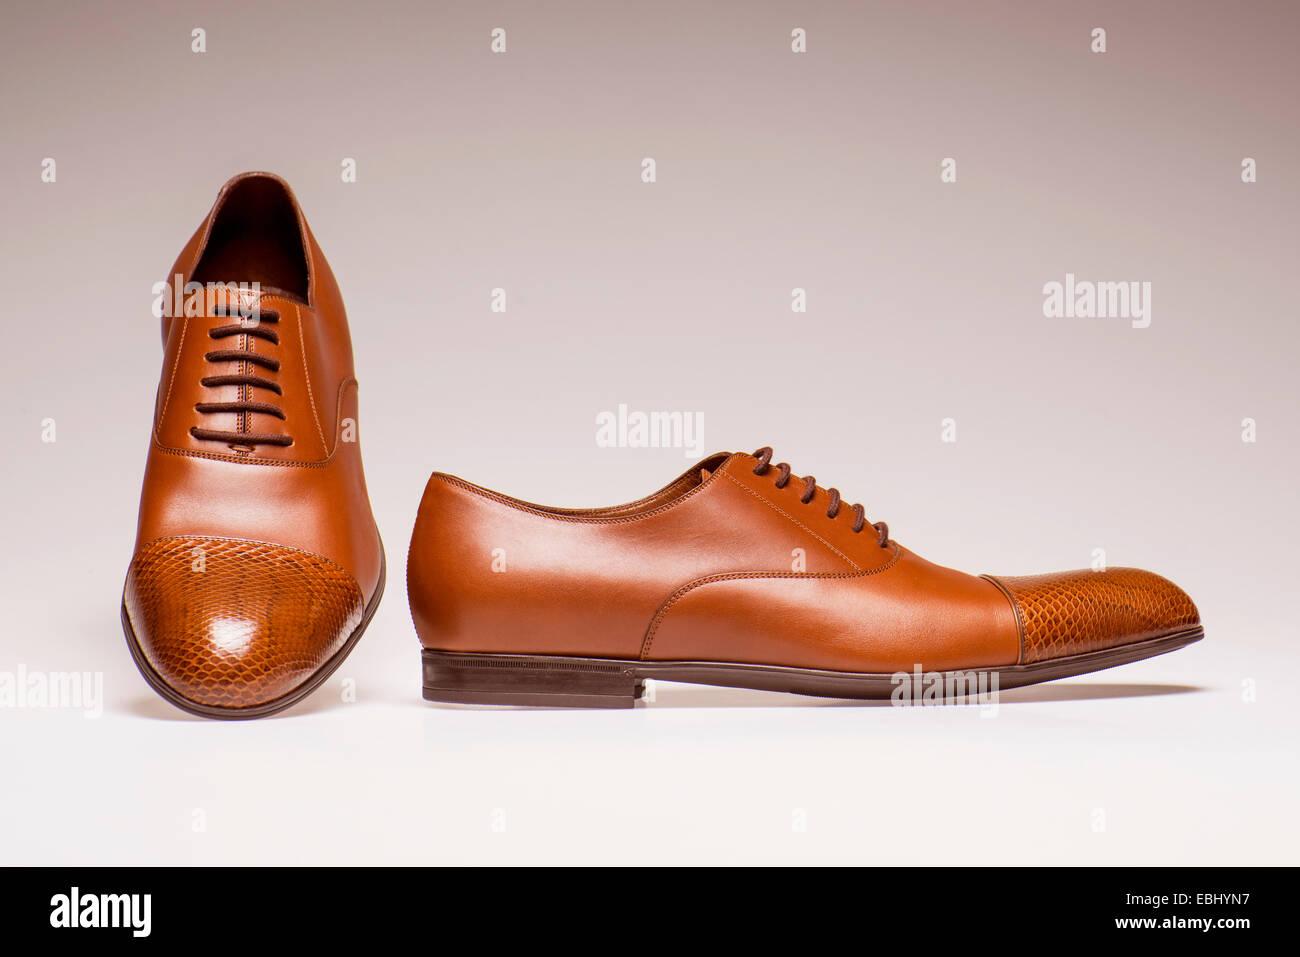 Herren Schuhe isoliert auf weißem Hintergrund Stockfoto, Bild ... a060d786f6